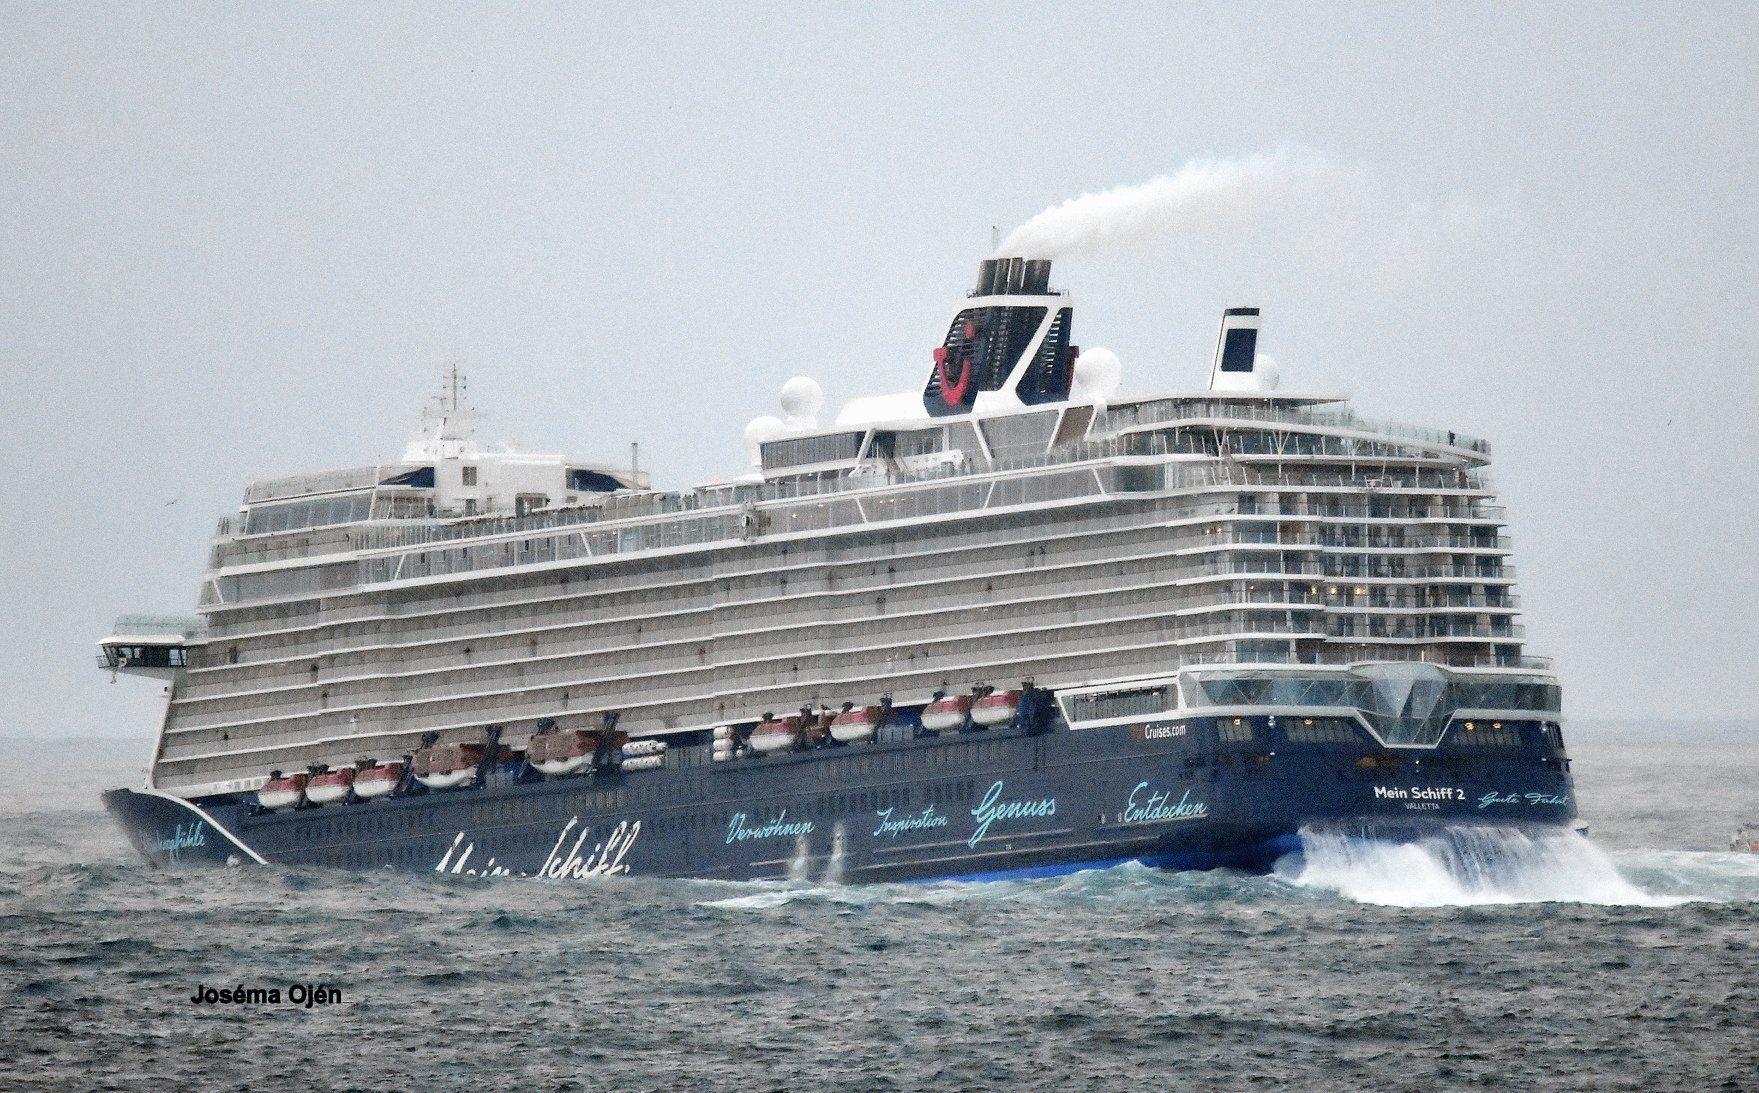 Las imágenes de la salida del barco son espectaculares